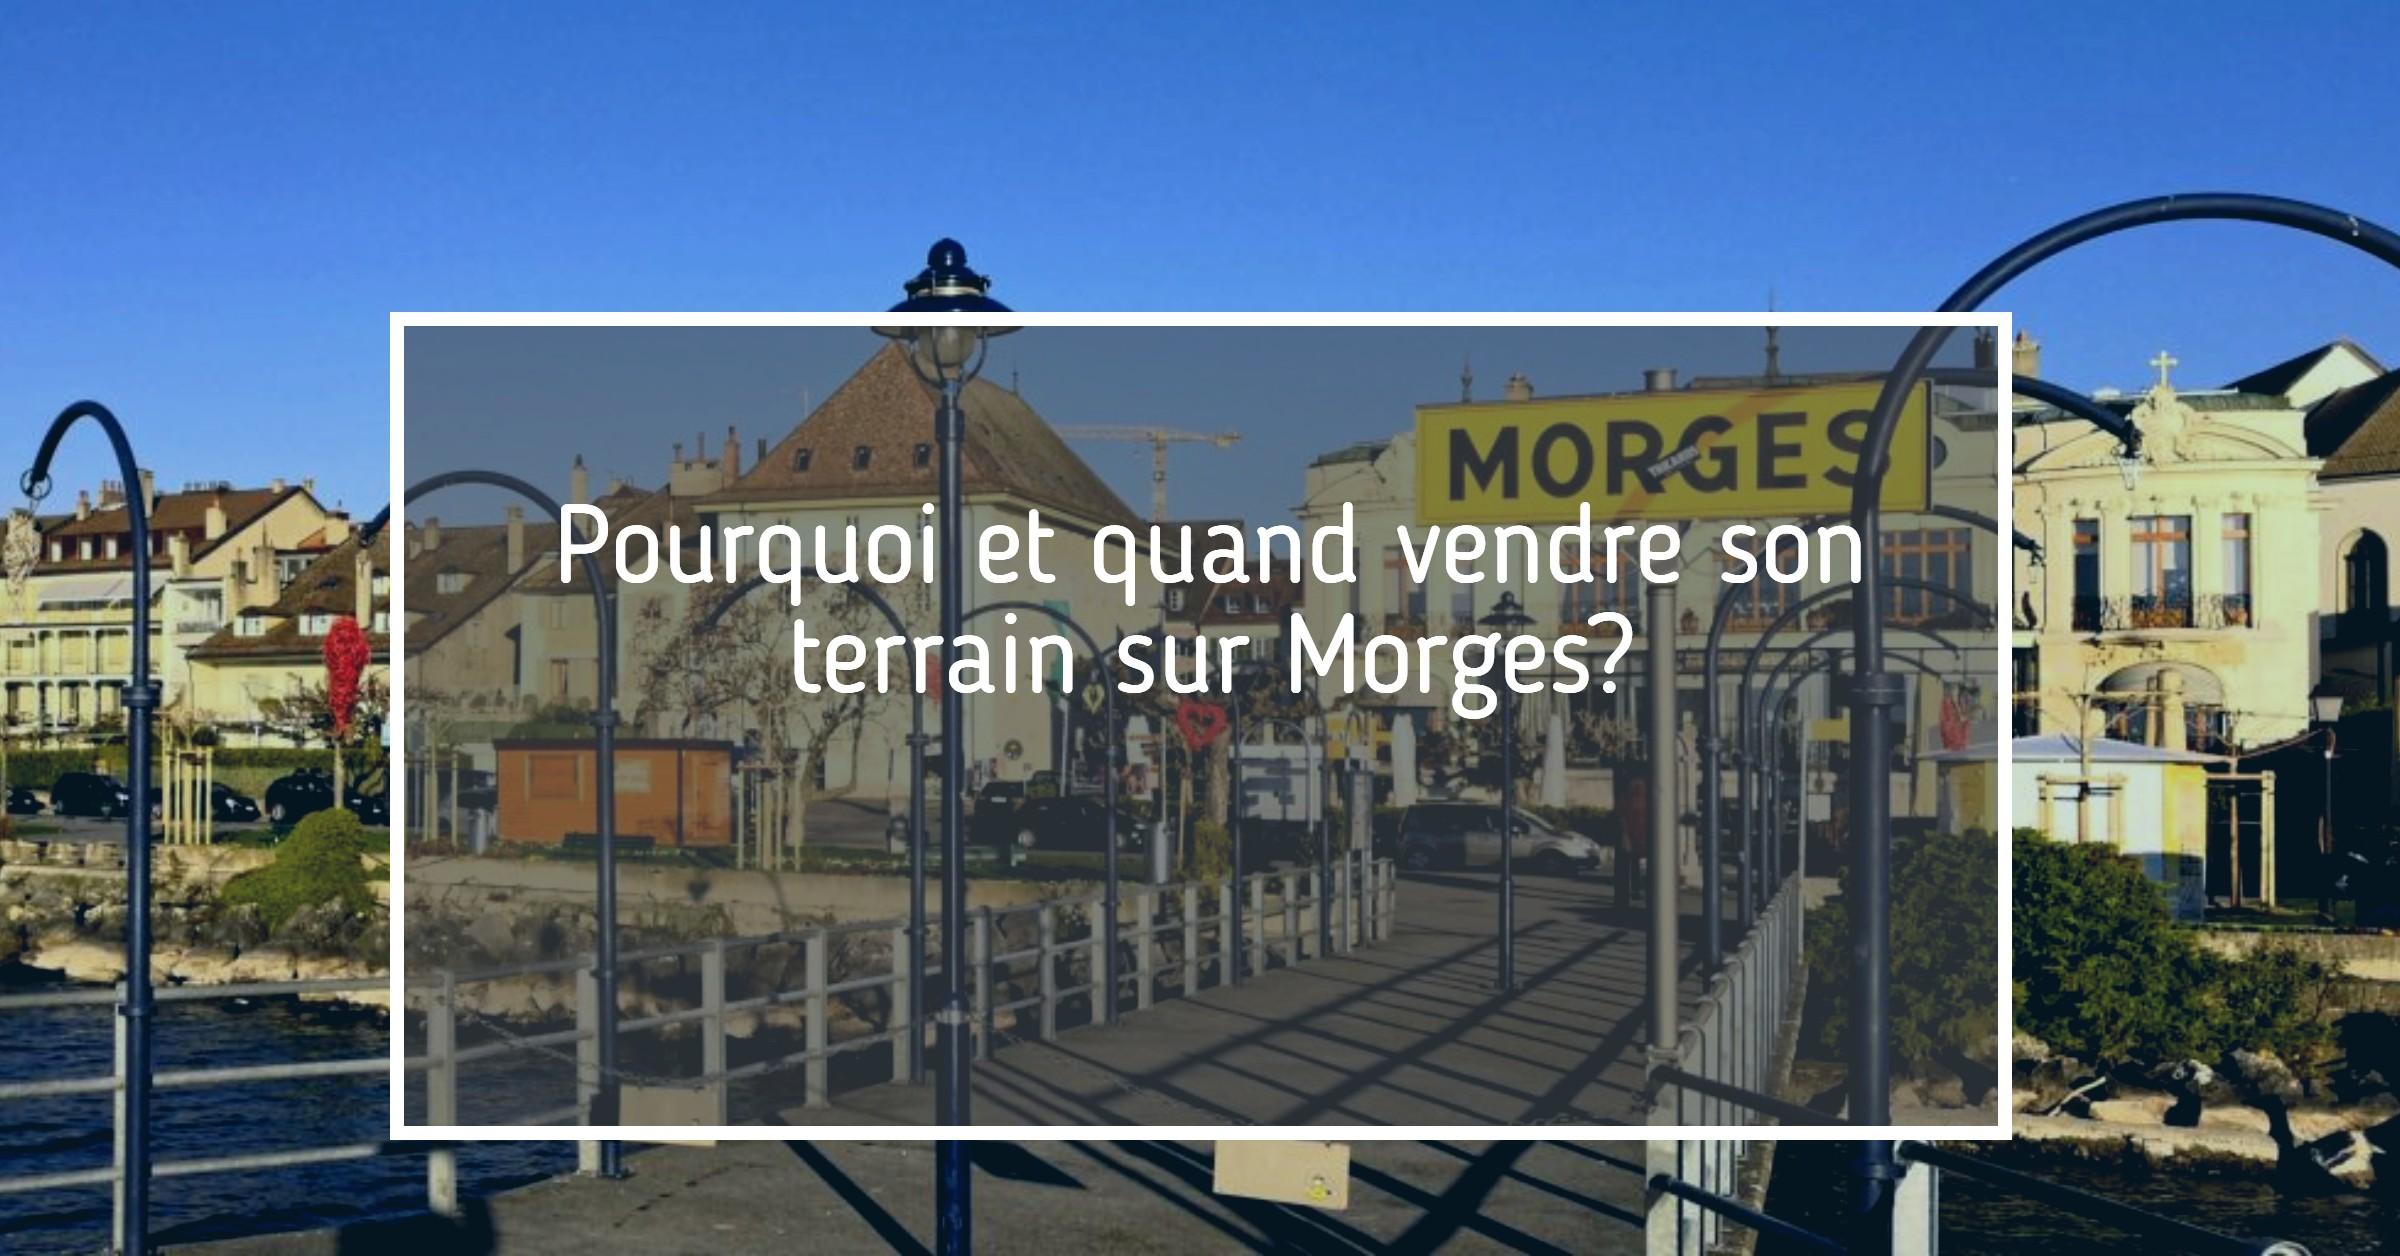 Vente terrain Morges